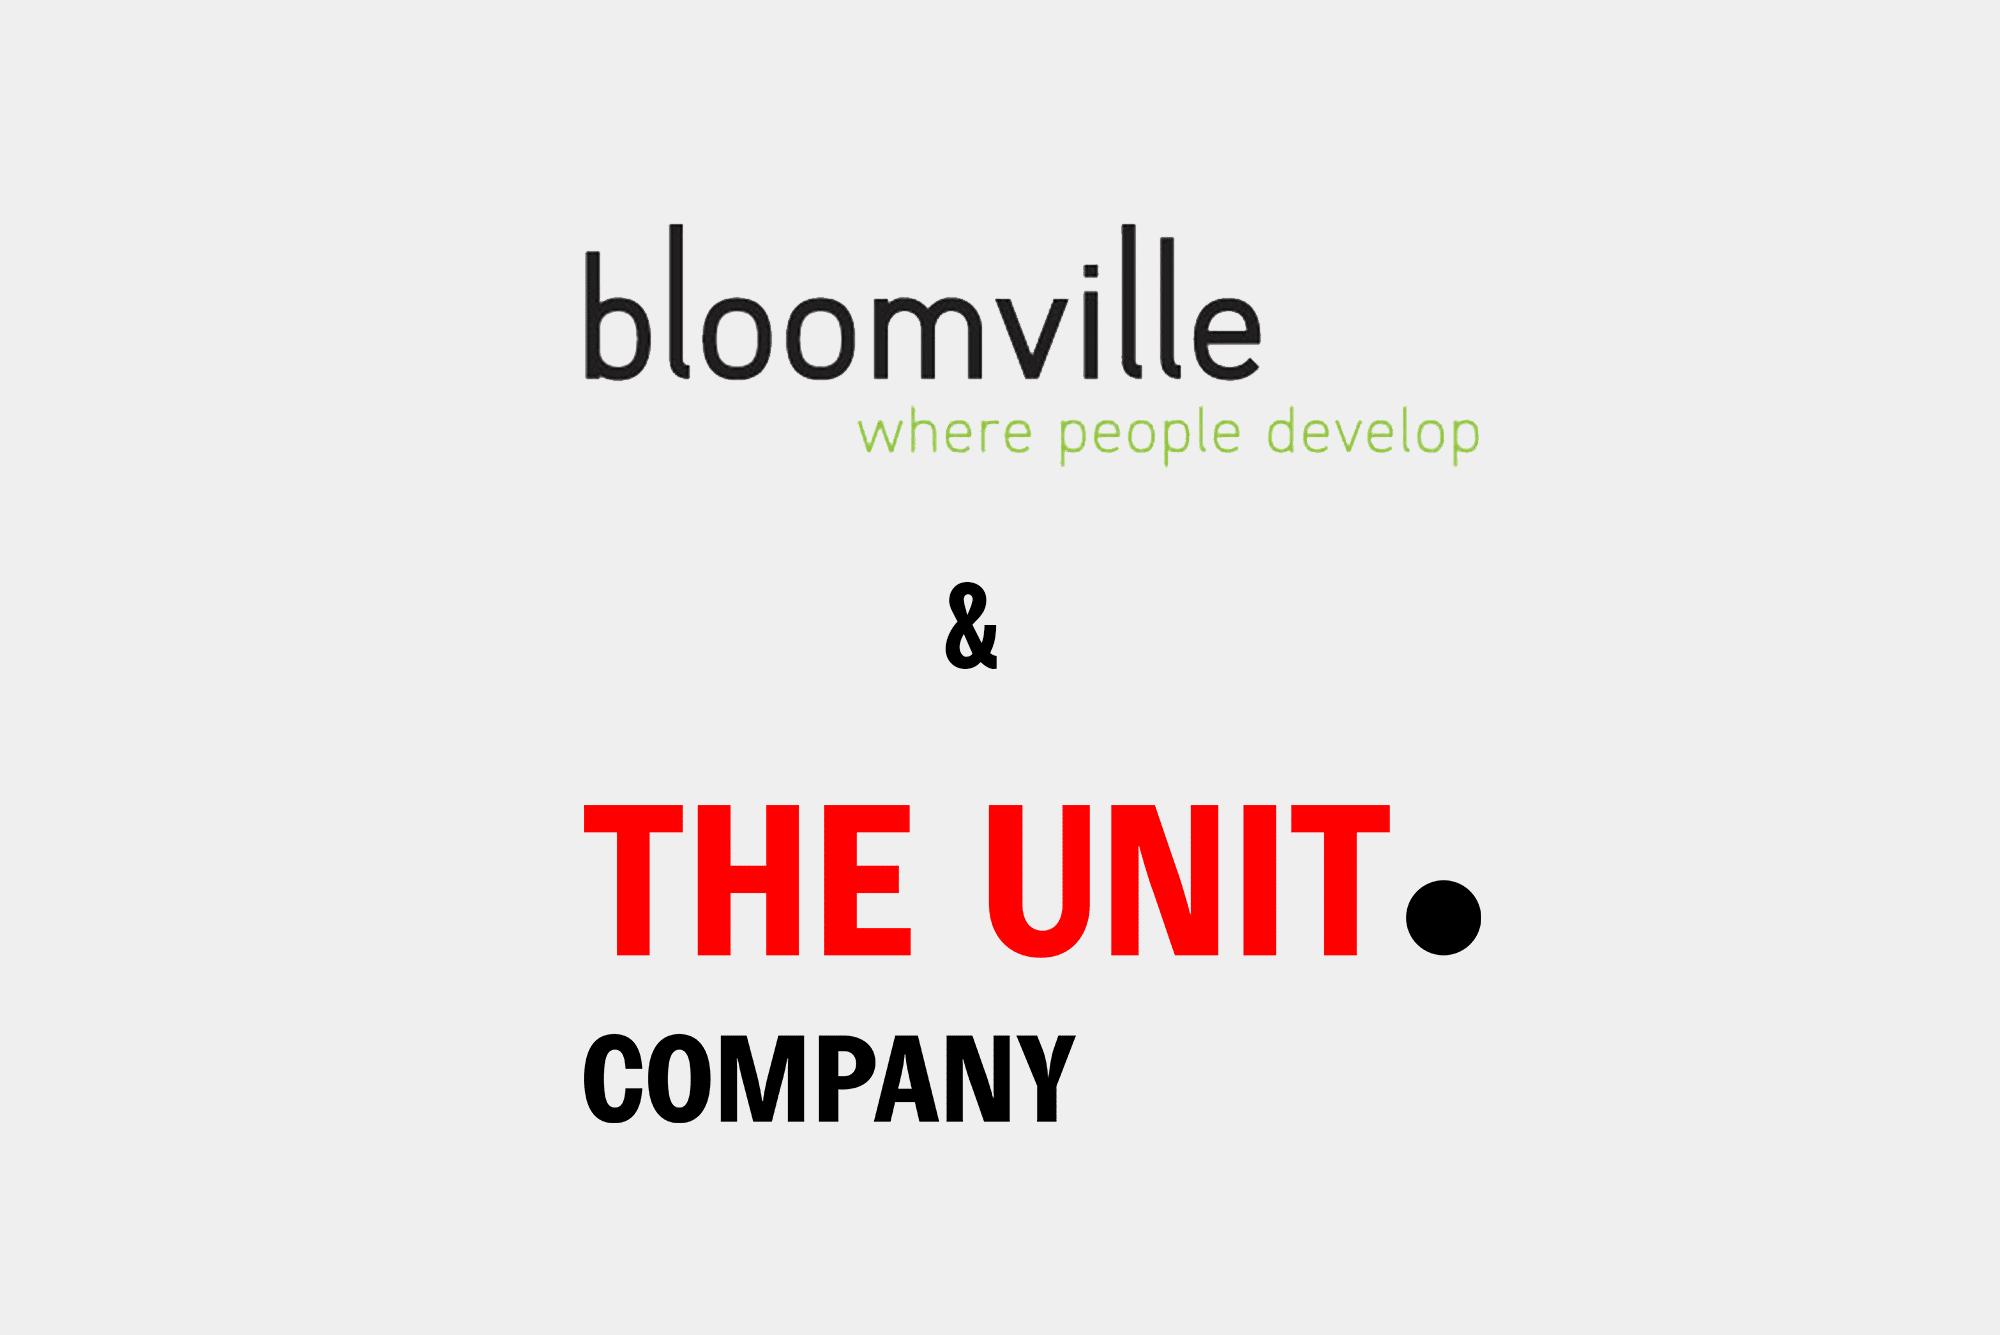 Samenwerkingsverband The Unit Company & Bloomville Inschrijven voor een training is nu nòg gemakkelijker!